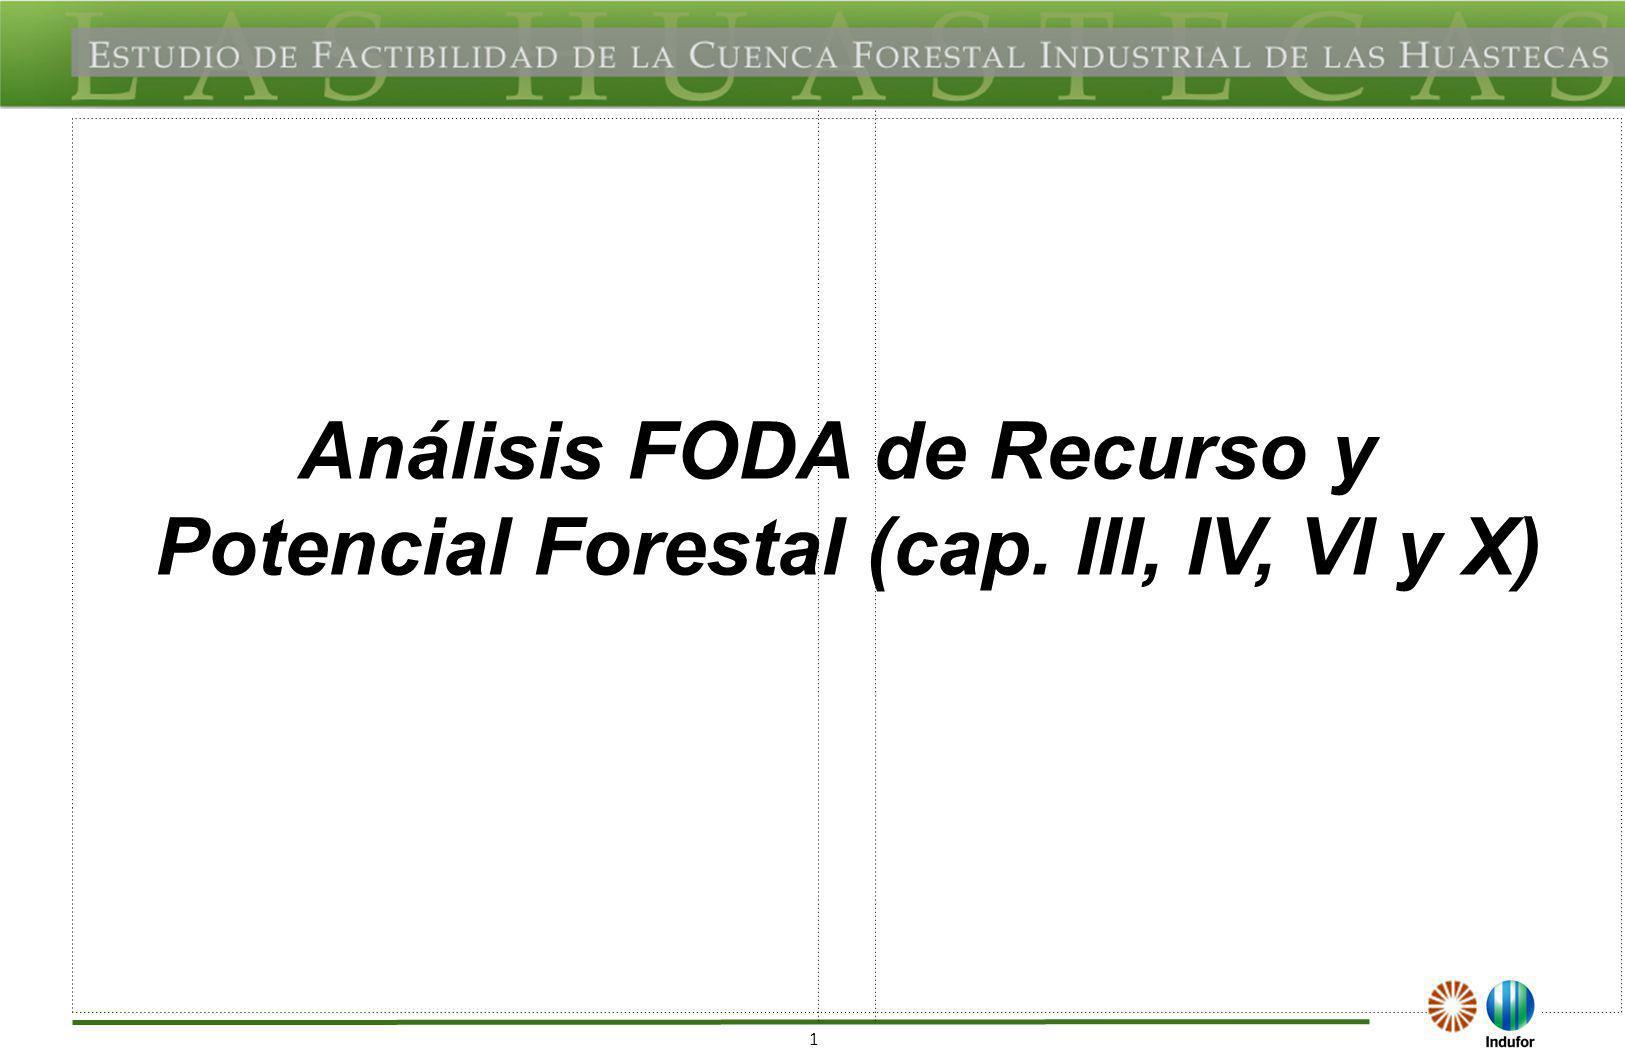 2 FODA DEL REGIONAL DEL RECURSO Y POTENCIAL FORESTAL FORTALEZAS (F) Gran diversidad de ecosistemas existentes (bosques templados, selvas y vegetación de zonas áridas.